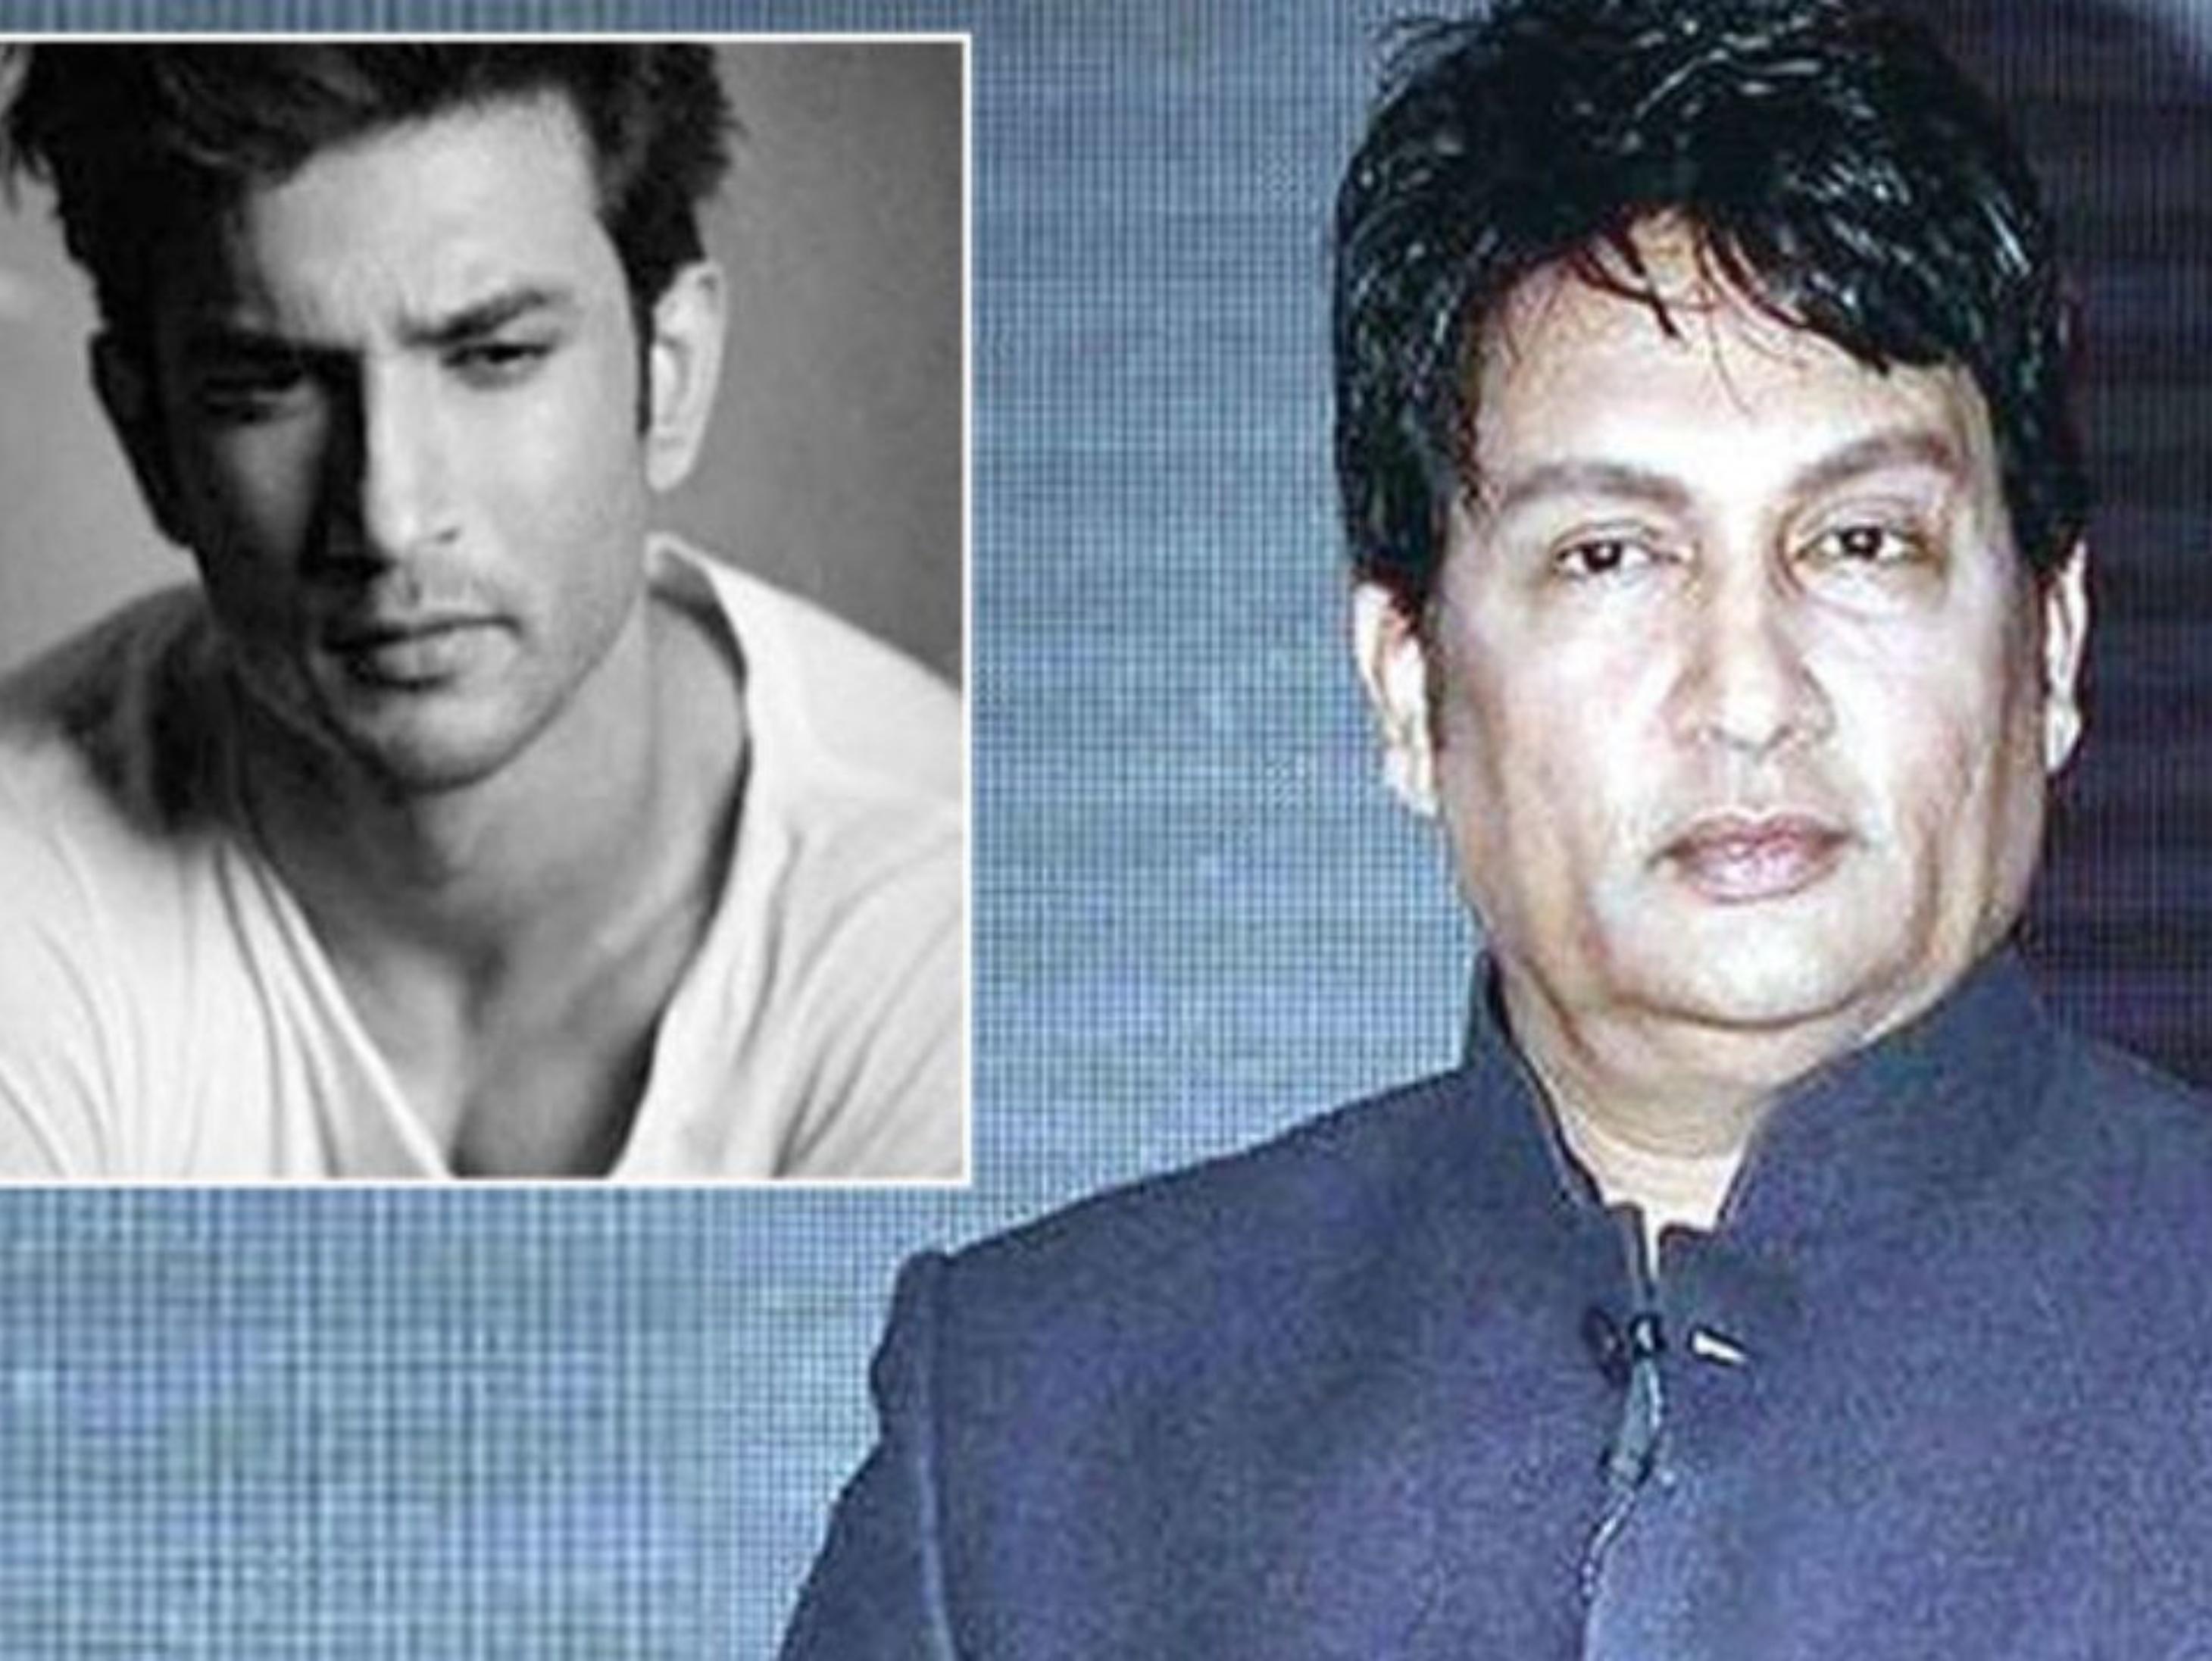 शेखर सुमन ने जाहिर की नाराजगी, पोस्ट में लिखा- बदकिस्मती देखिए, कोरोना आ गया और सुशांत की मौत की जांच दब गई|बॉलीवुड,Bollywood - Dainik Bhaskar